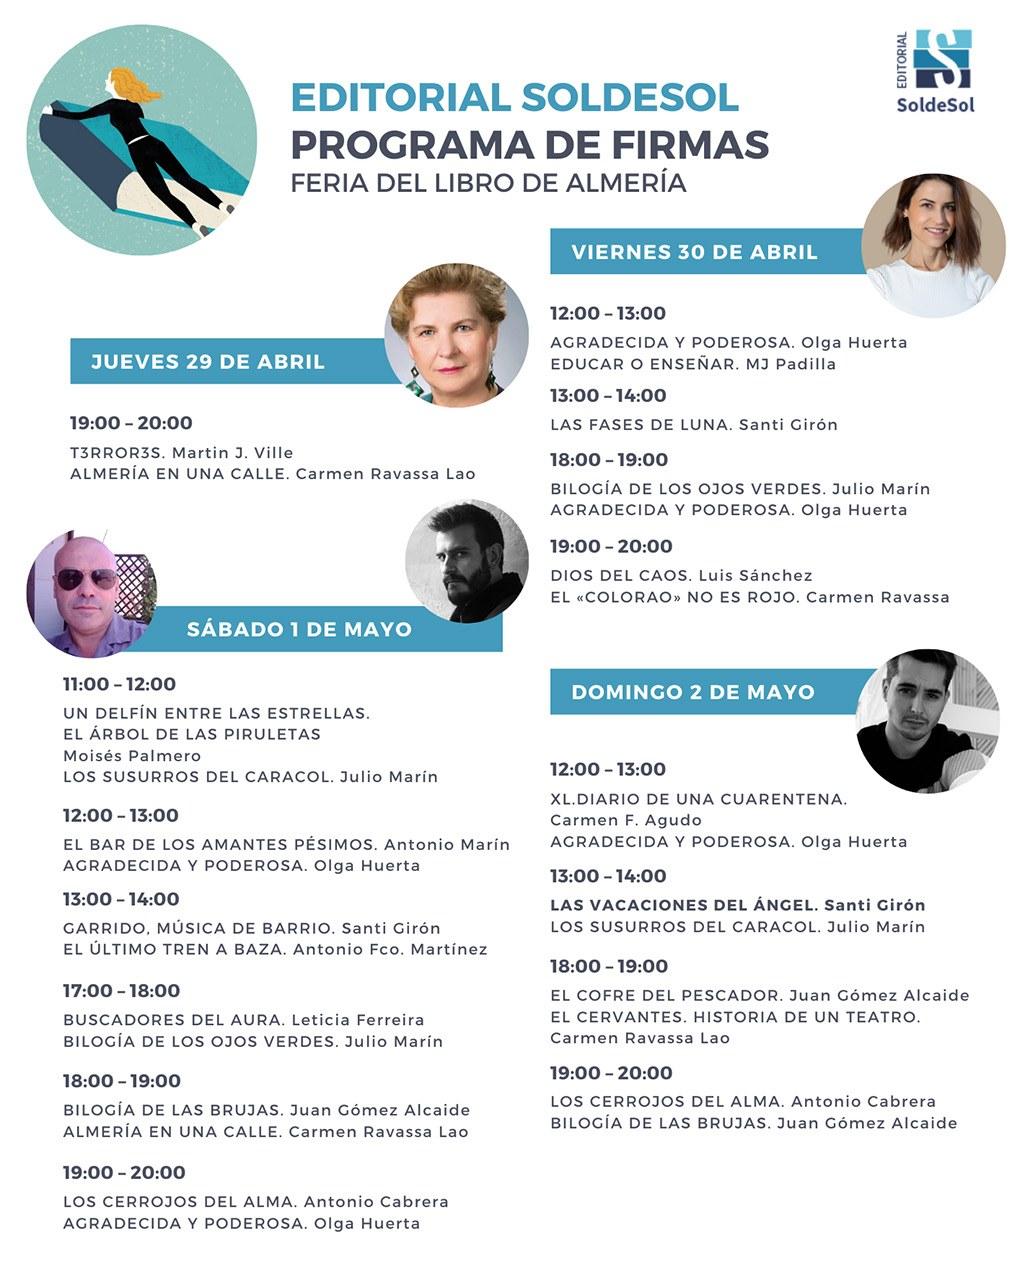 Programa-firmas-feria-almeria